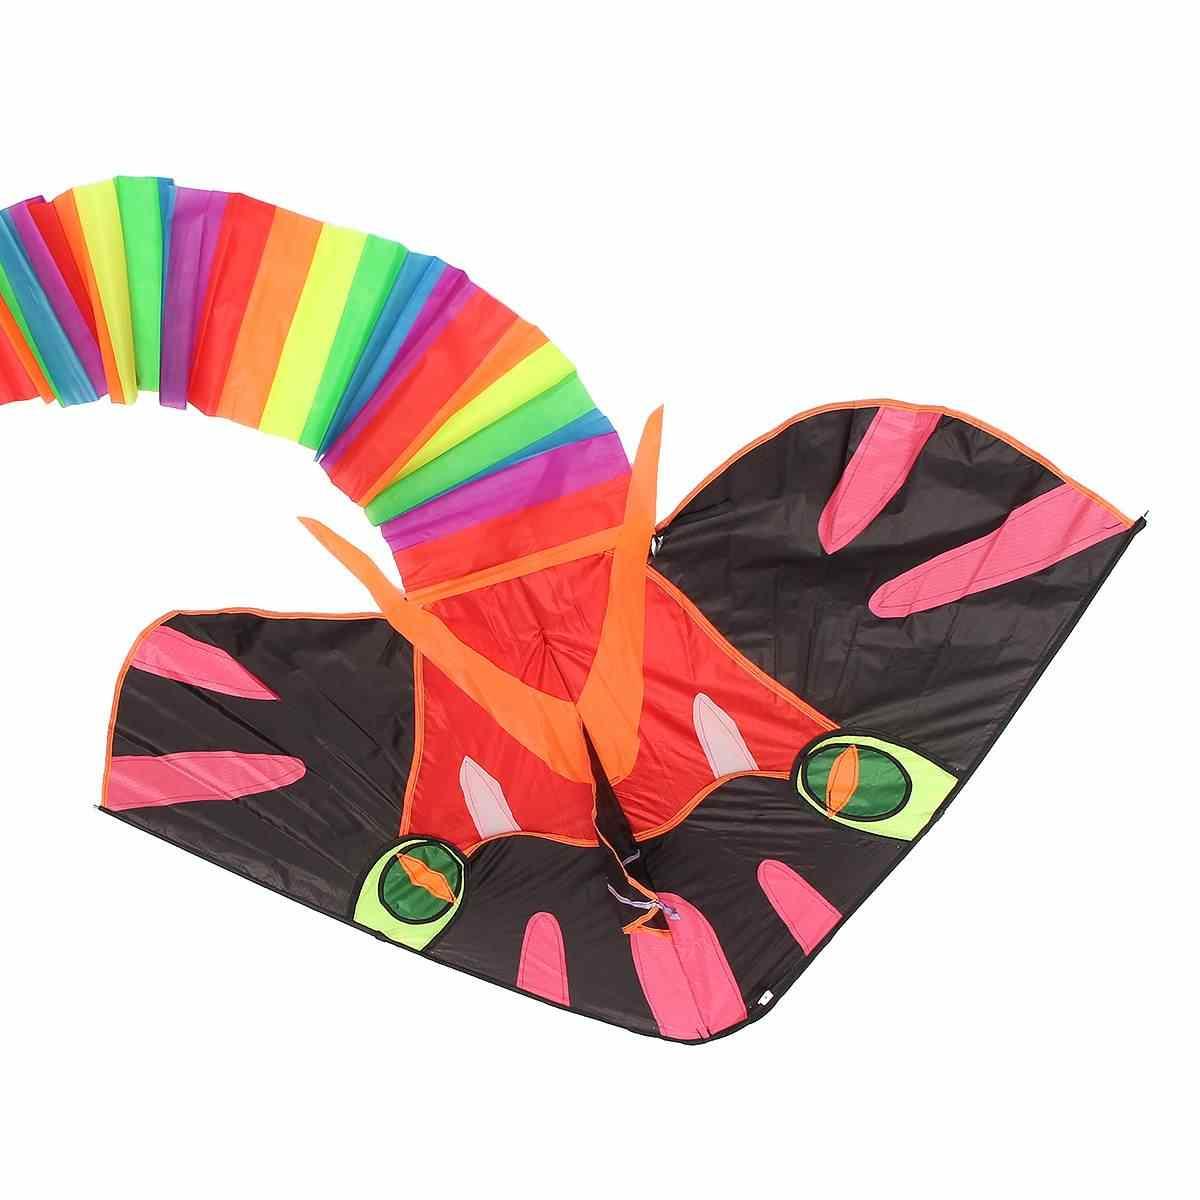 8 M grande Cyan serpiente cometa fácil de volar juguetes para niños al aire libre divertido deportes regalo buen juego de juguete volador para los niños adultos